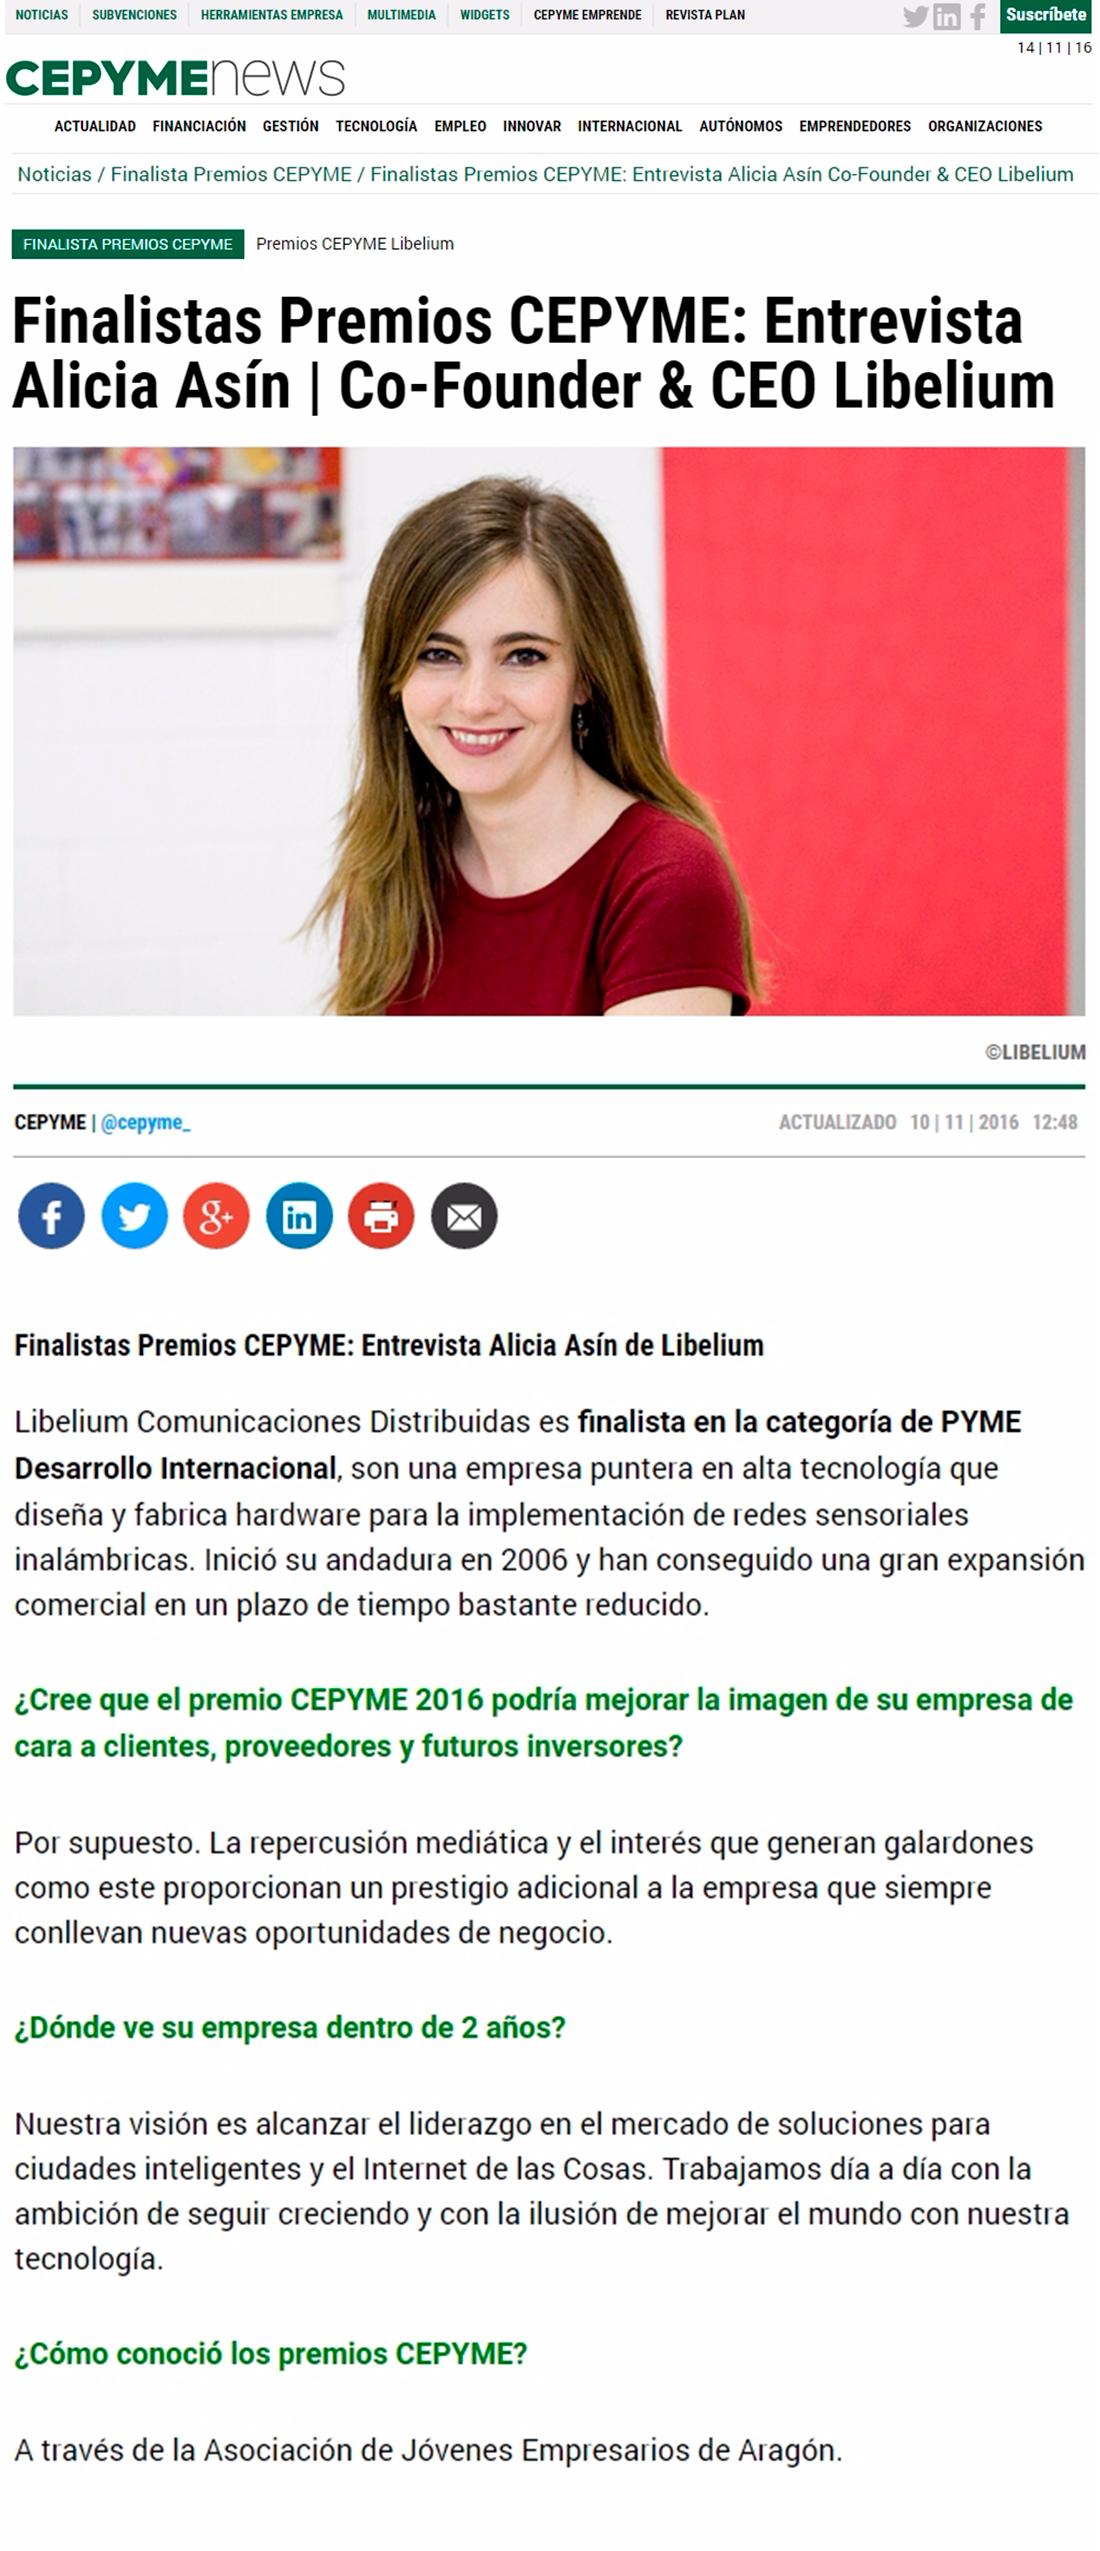 Cepyme News – Finalistas Premios CEPYME: Entrevista Alicia Asín